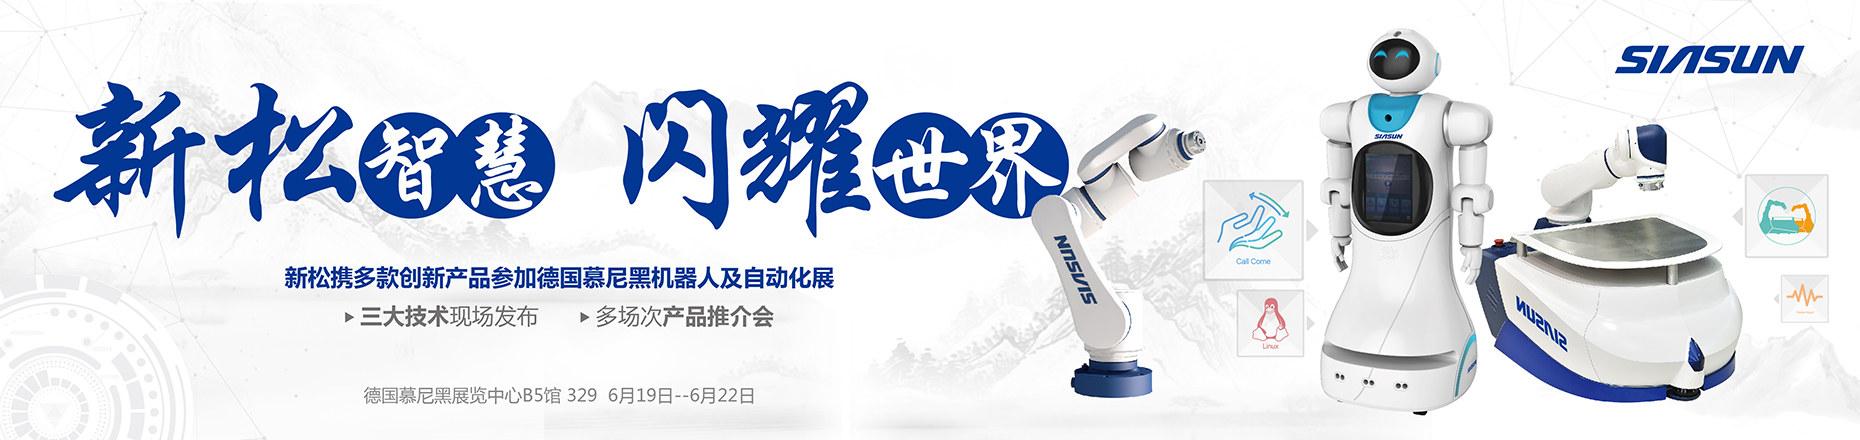 新松参展2018德国慕尼黑机器人及自动化技术贸易博览会